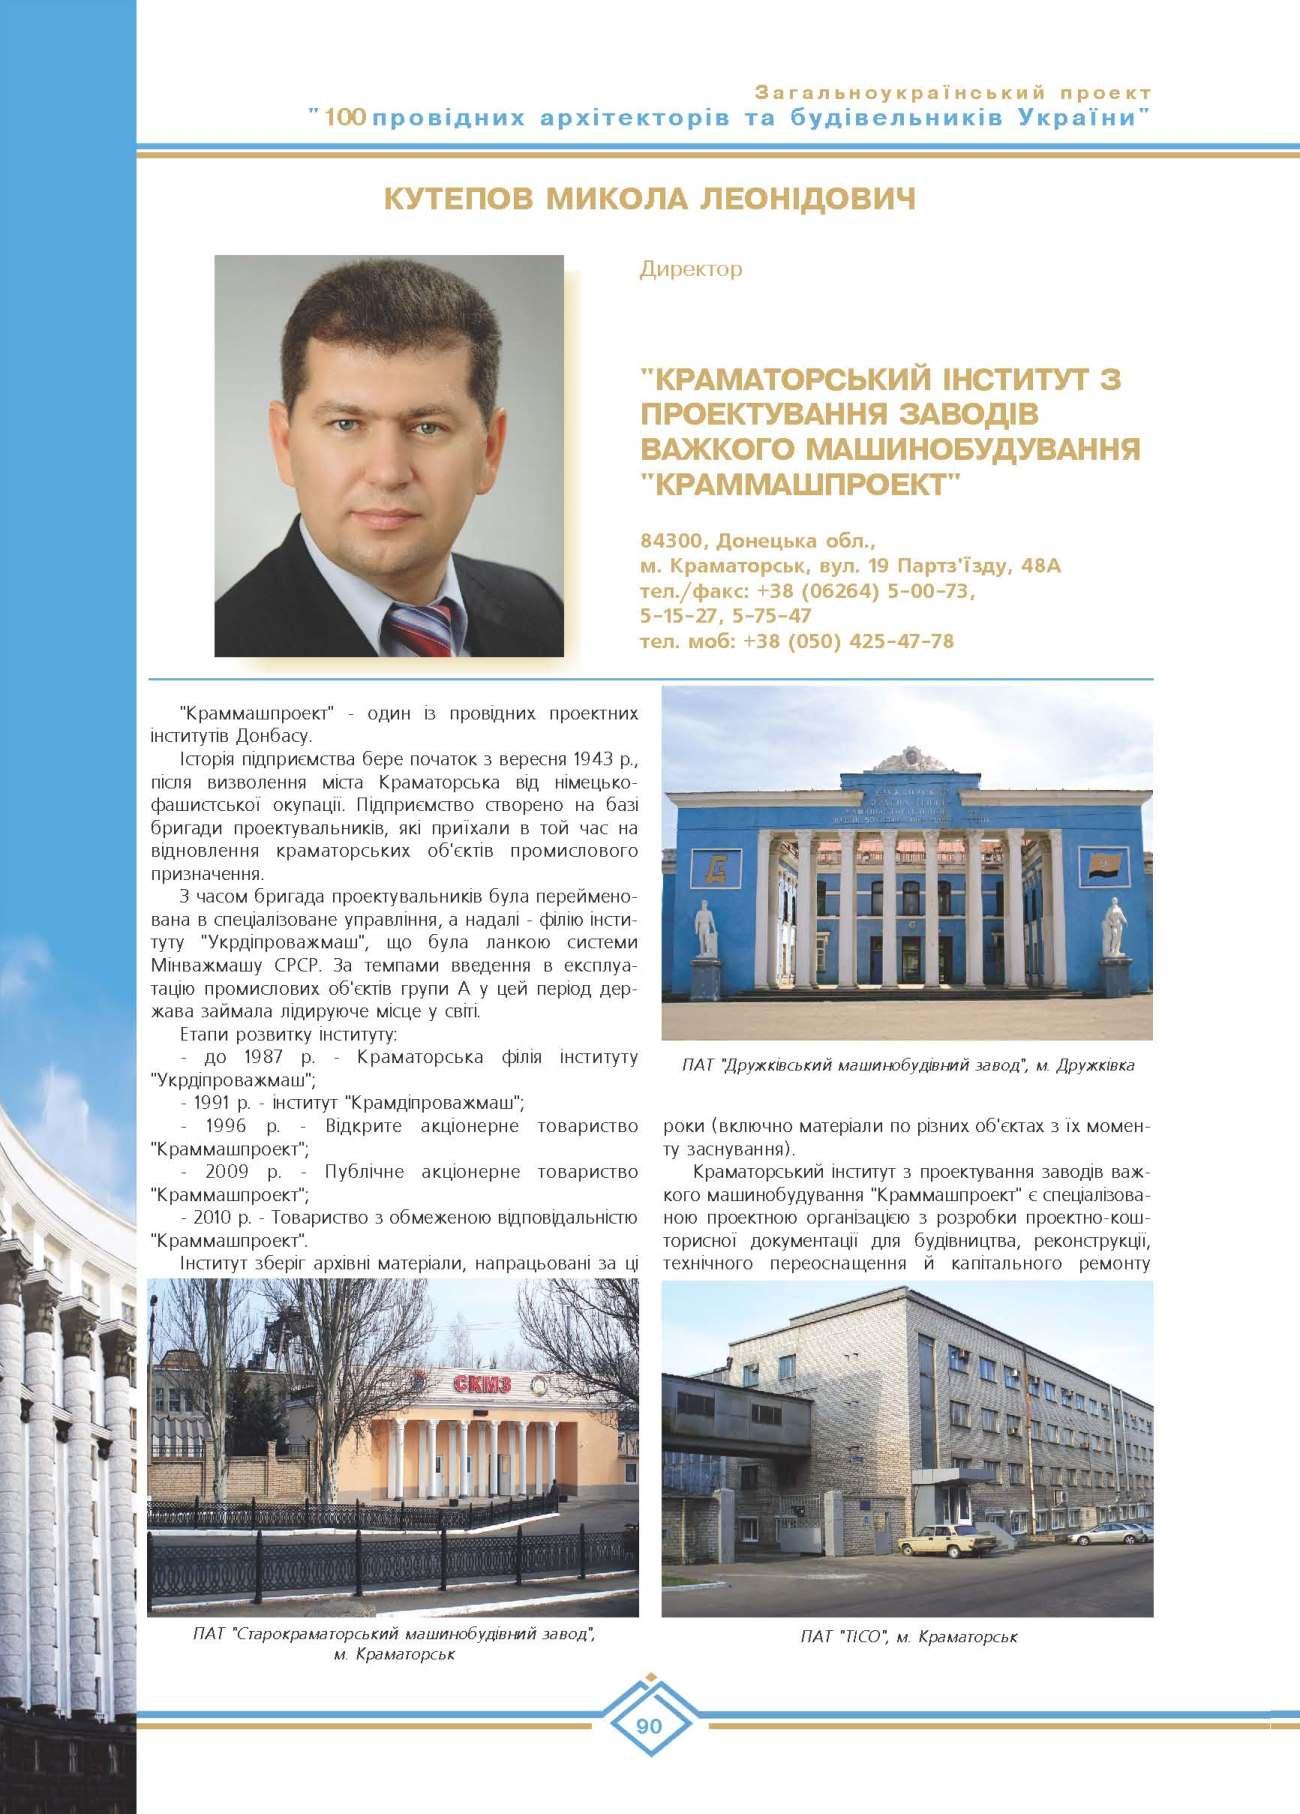 Кутепов Микола Леонідович